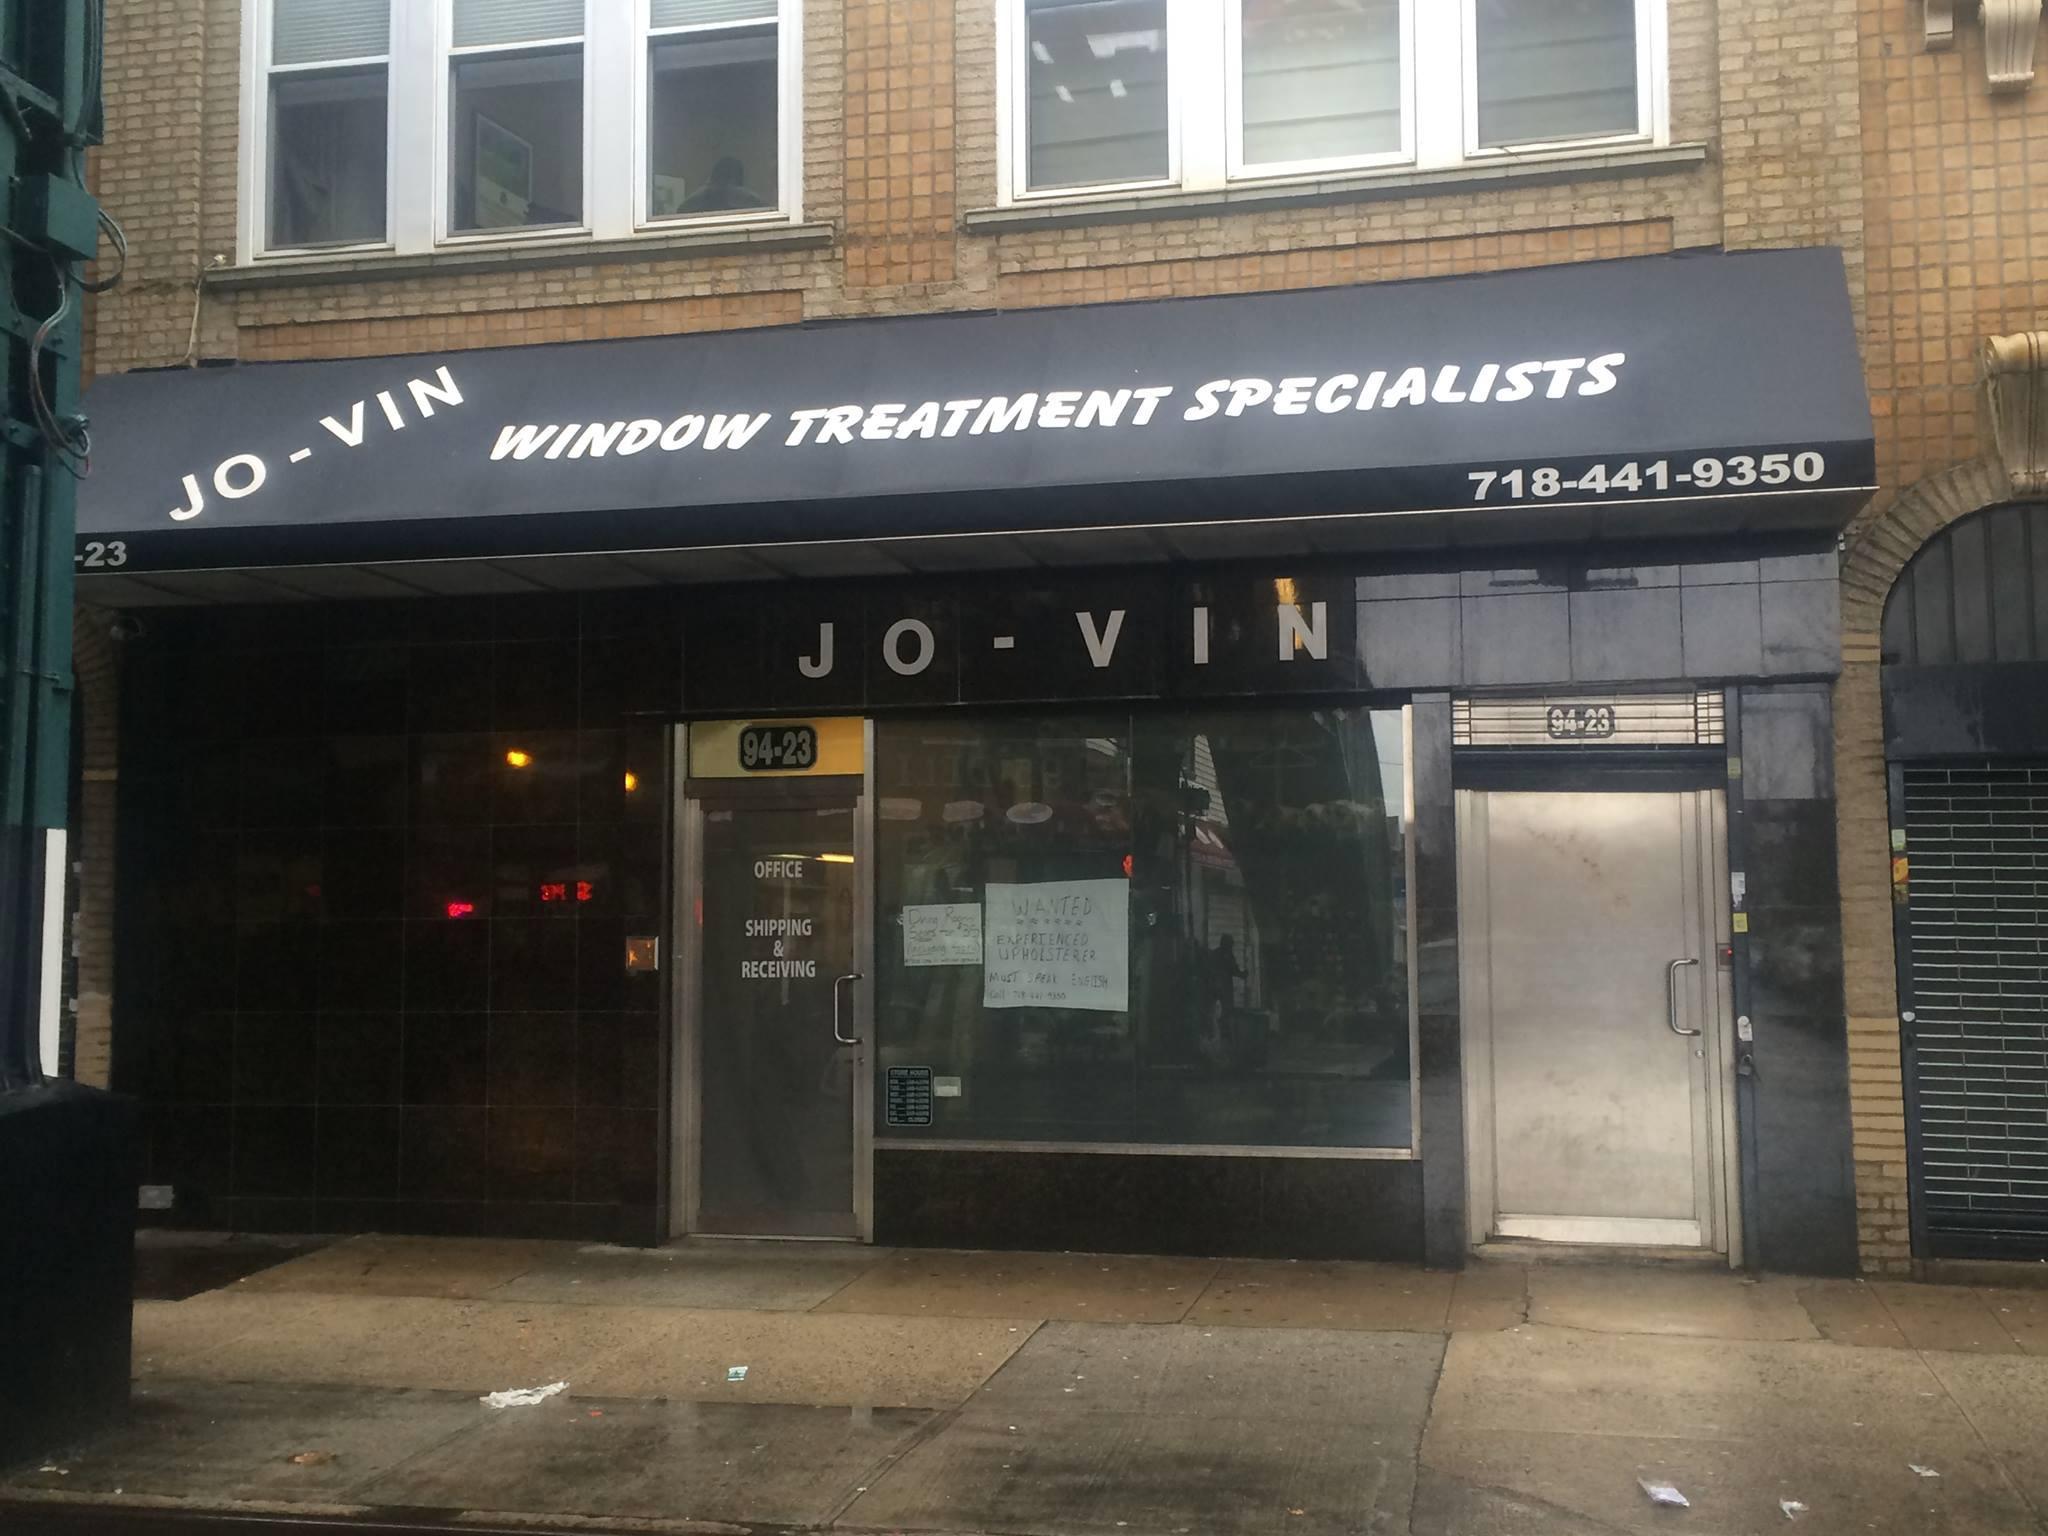 Jo-Vin Inc. 9423 Jamaica Avenue Woodhaven, NY 11421 http://www.jo-vin.com/